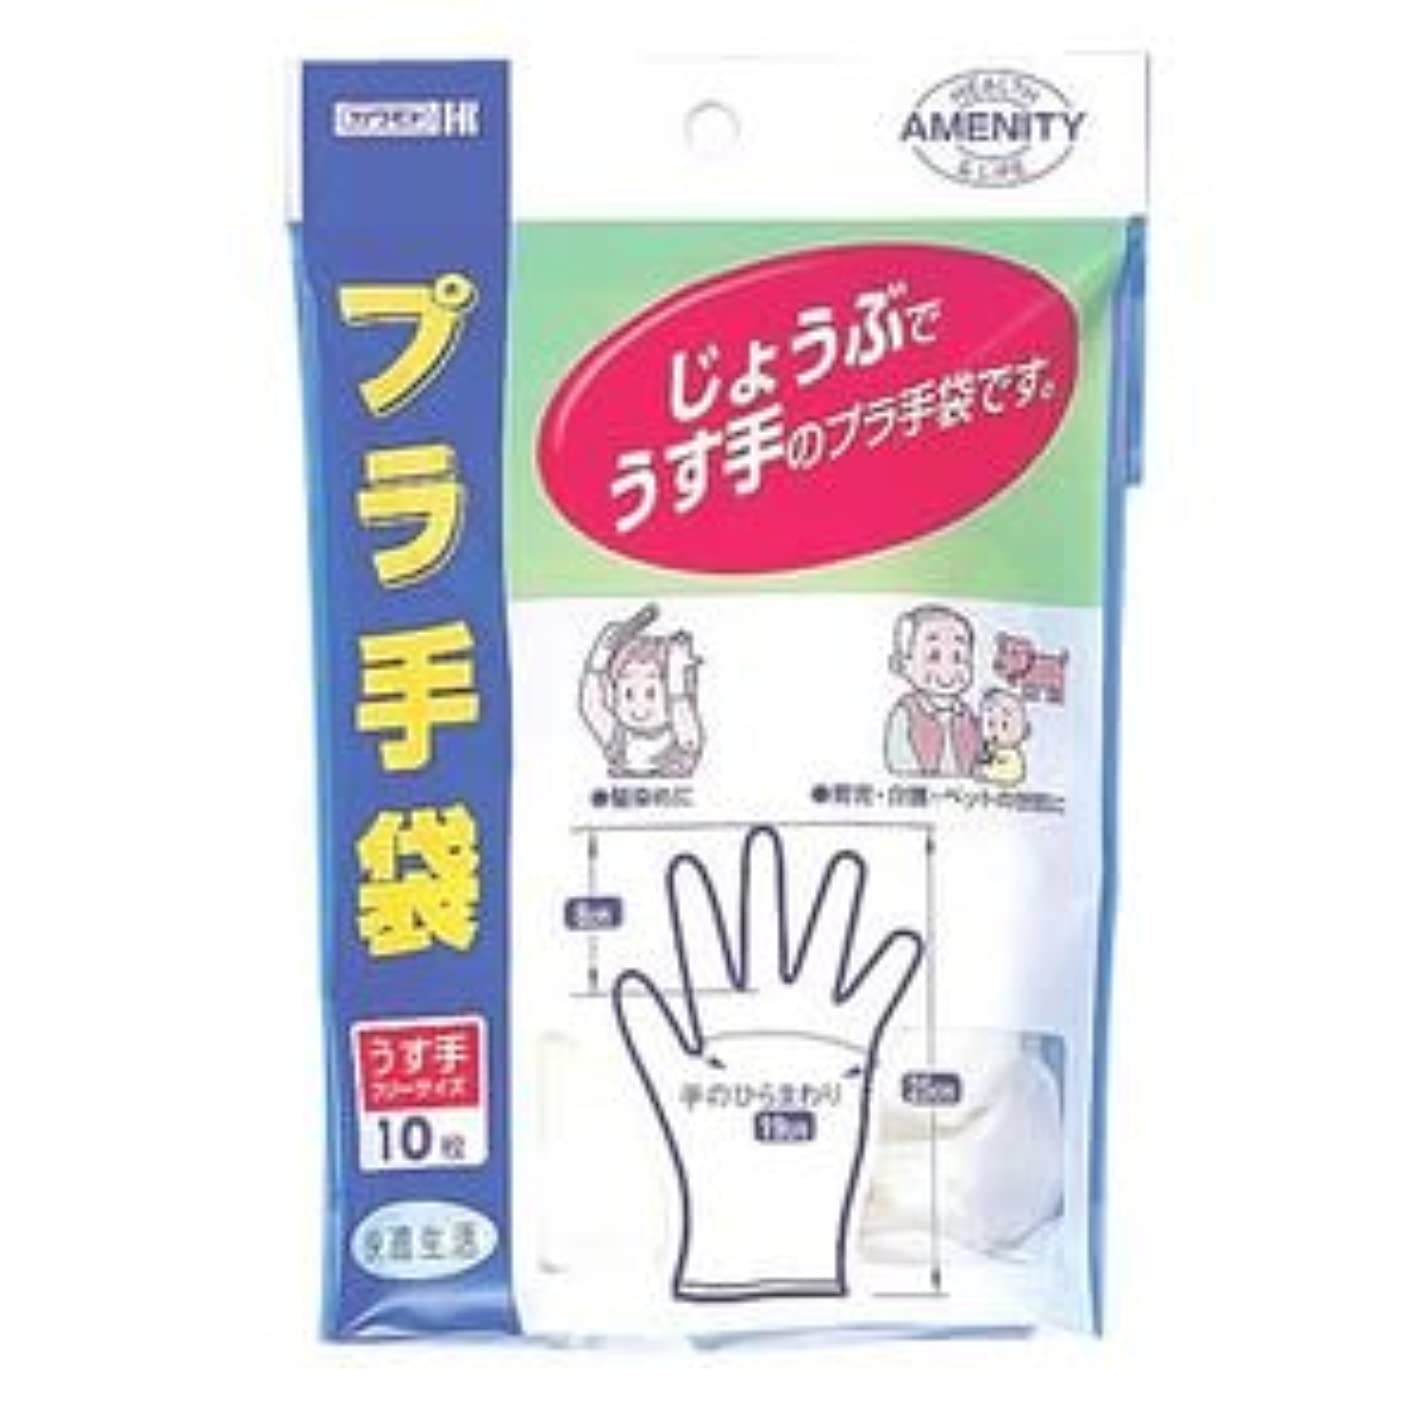 共産主義者実行する麦芽カワモト プラ手袋 10枚